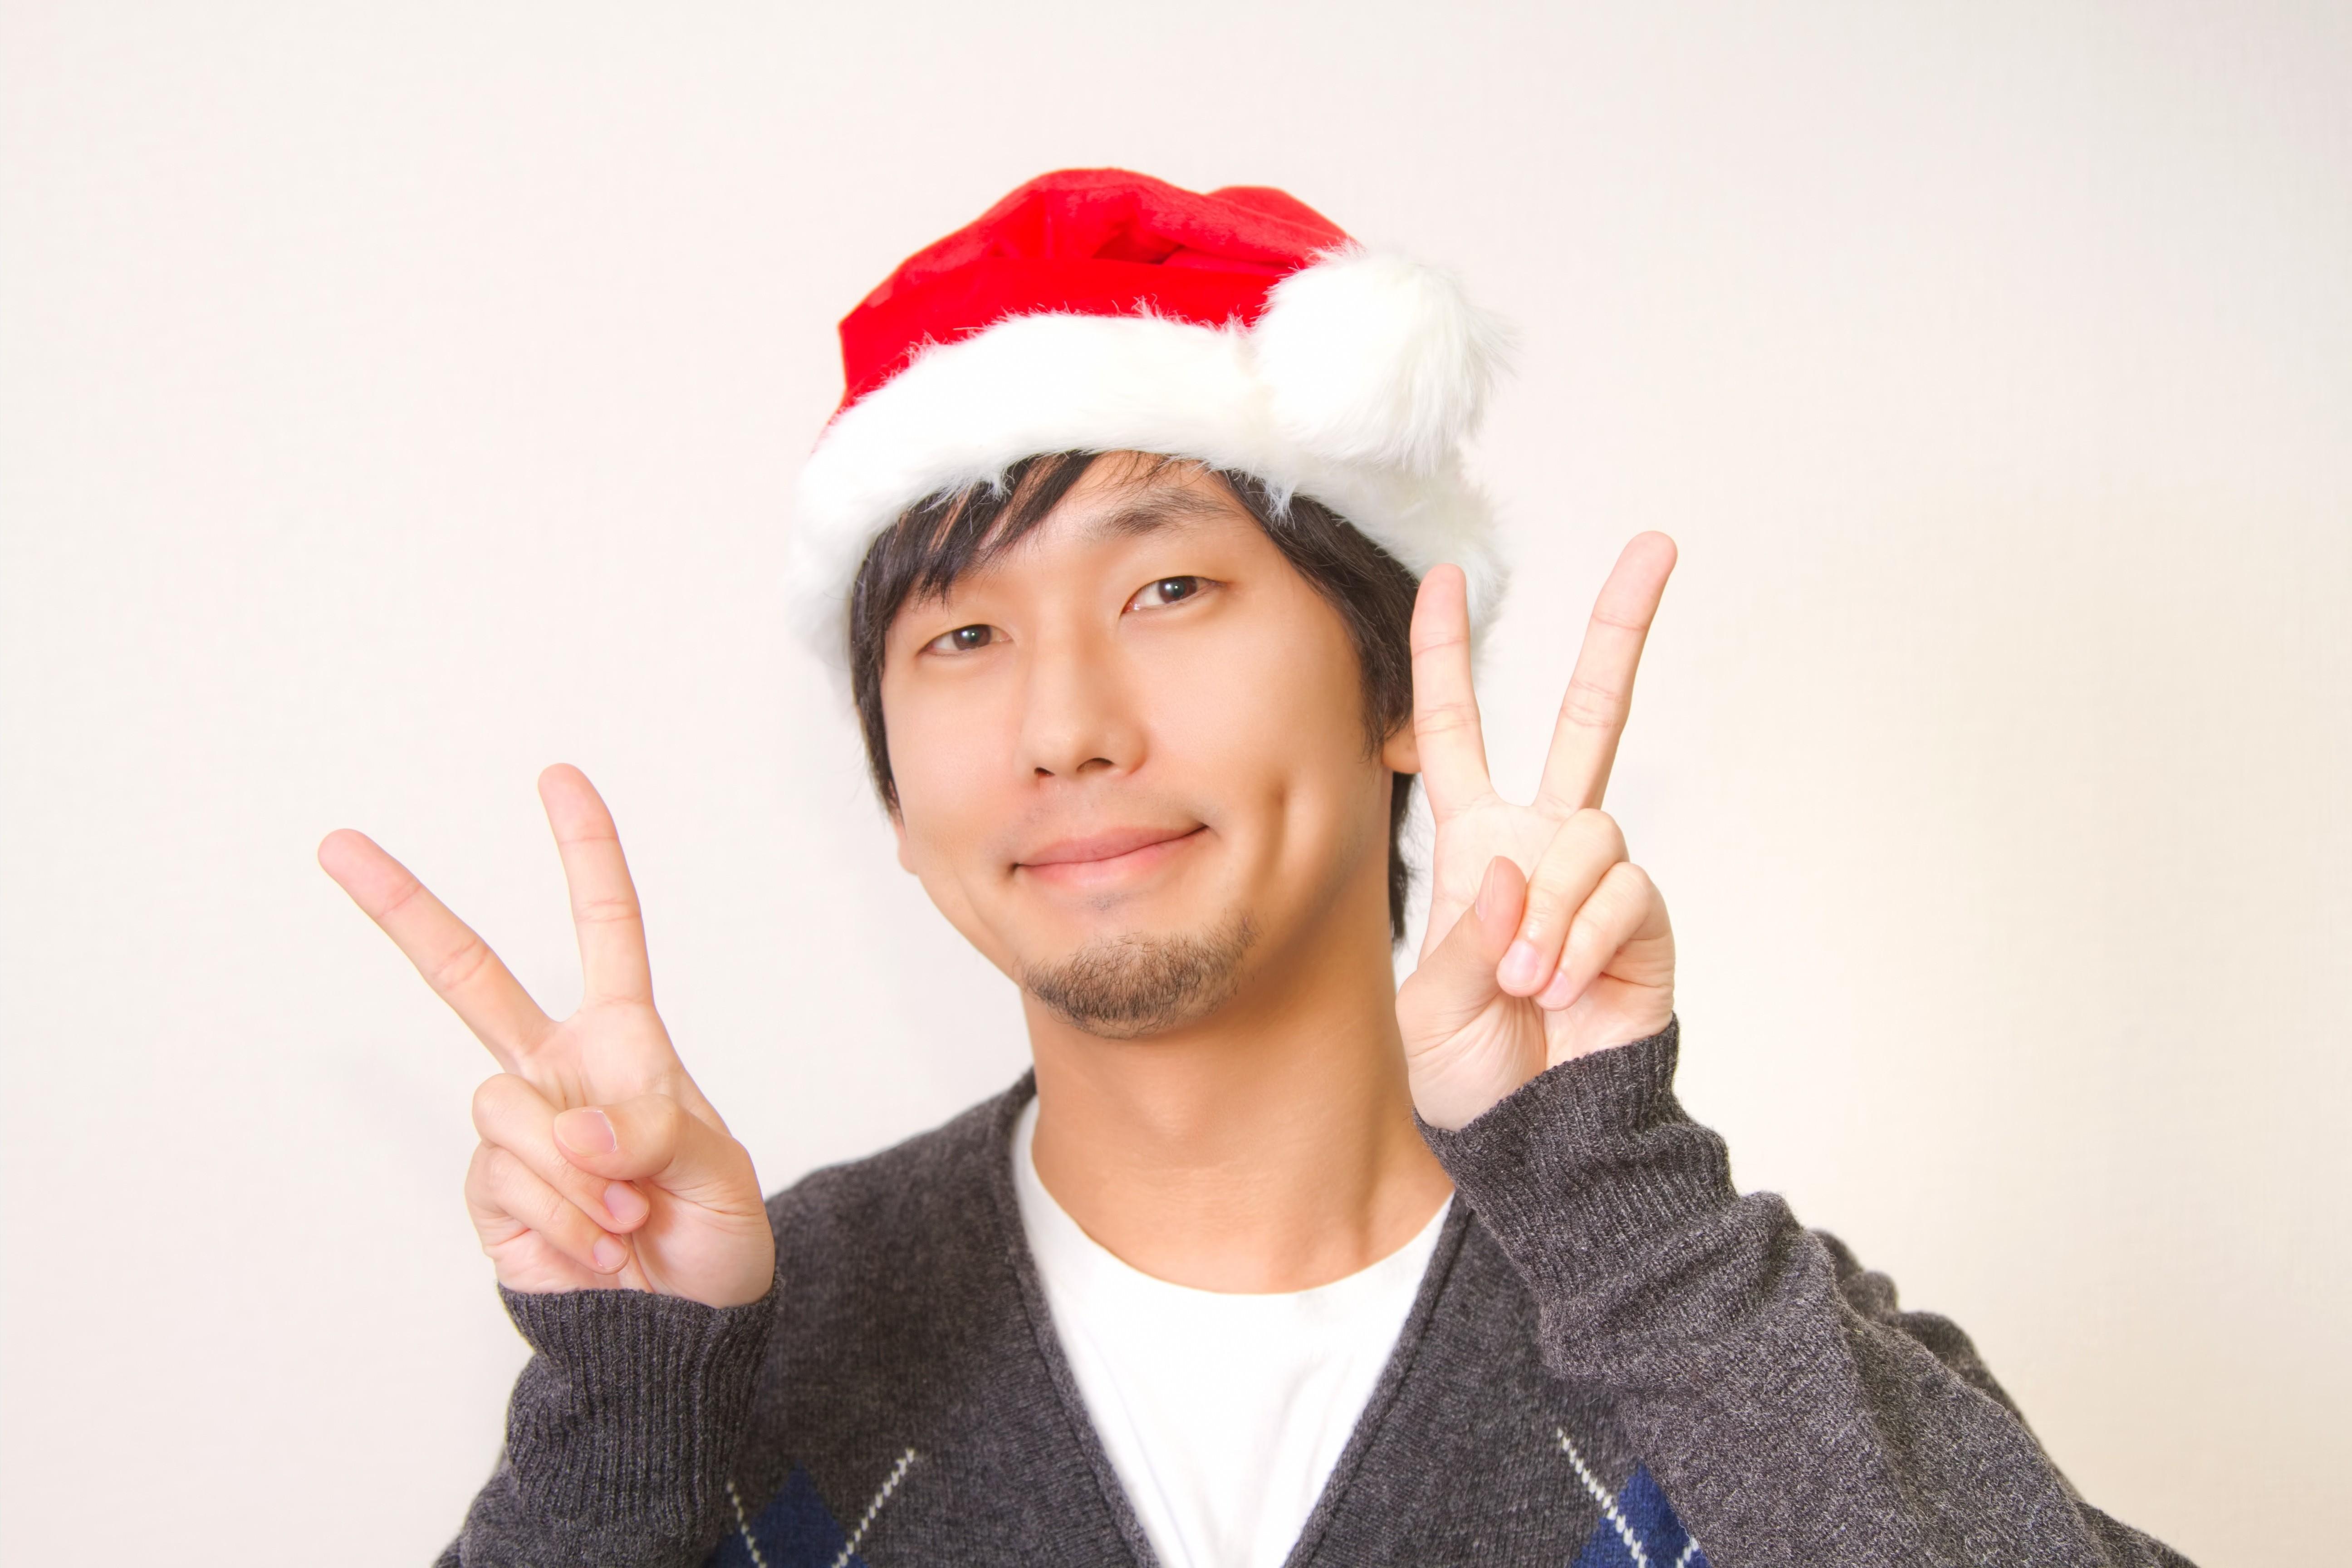 ▲聖誕節。(圖/取自免費圖庫pakutaso)